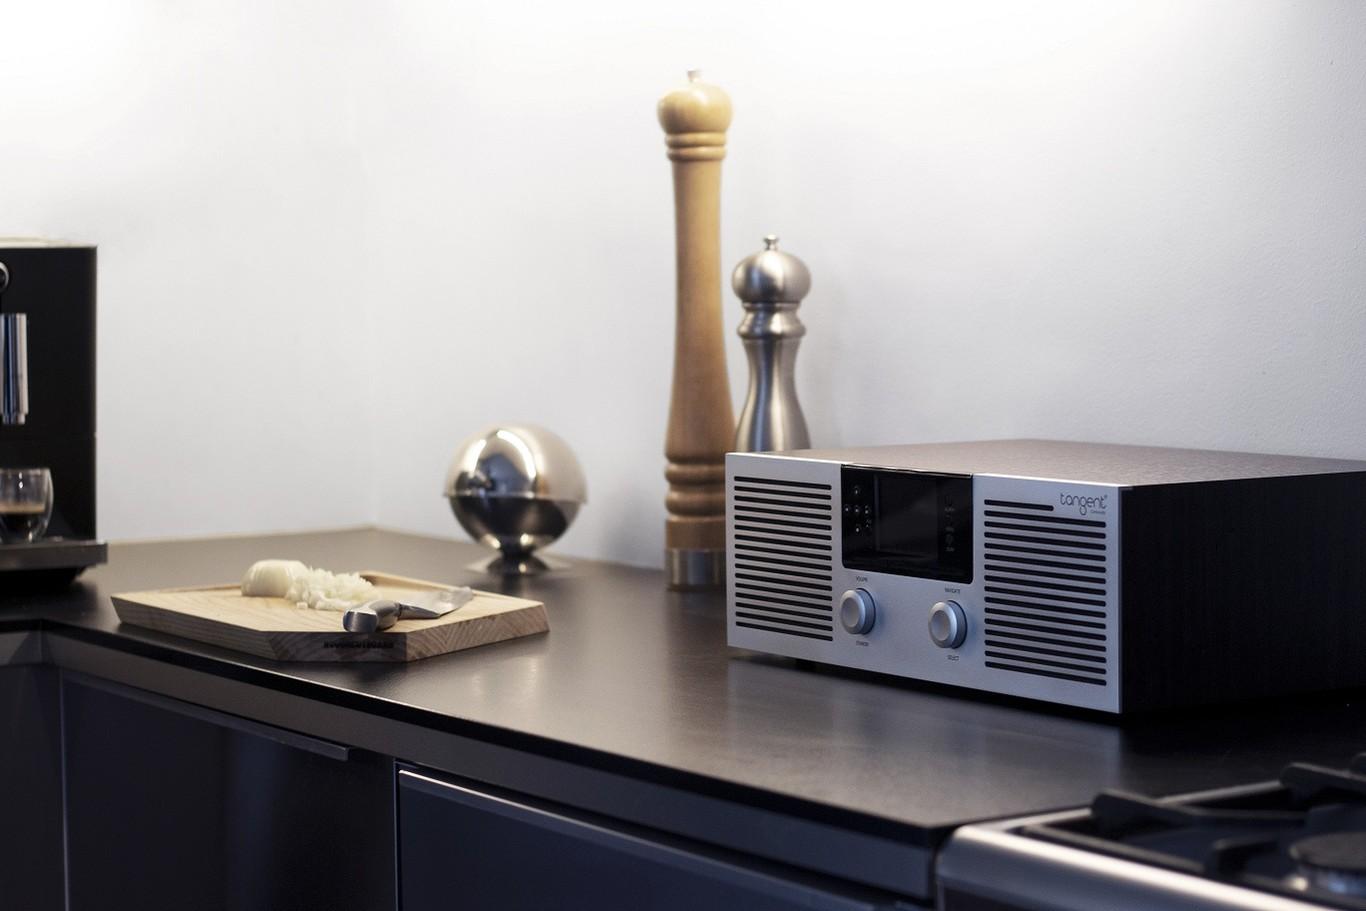 Tangent presenta ELIO, un equipo de sonido que recupera el sabor clásico de las antiguas radios pero con CD, WiFi, Bluetooth y MP3